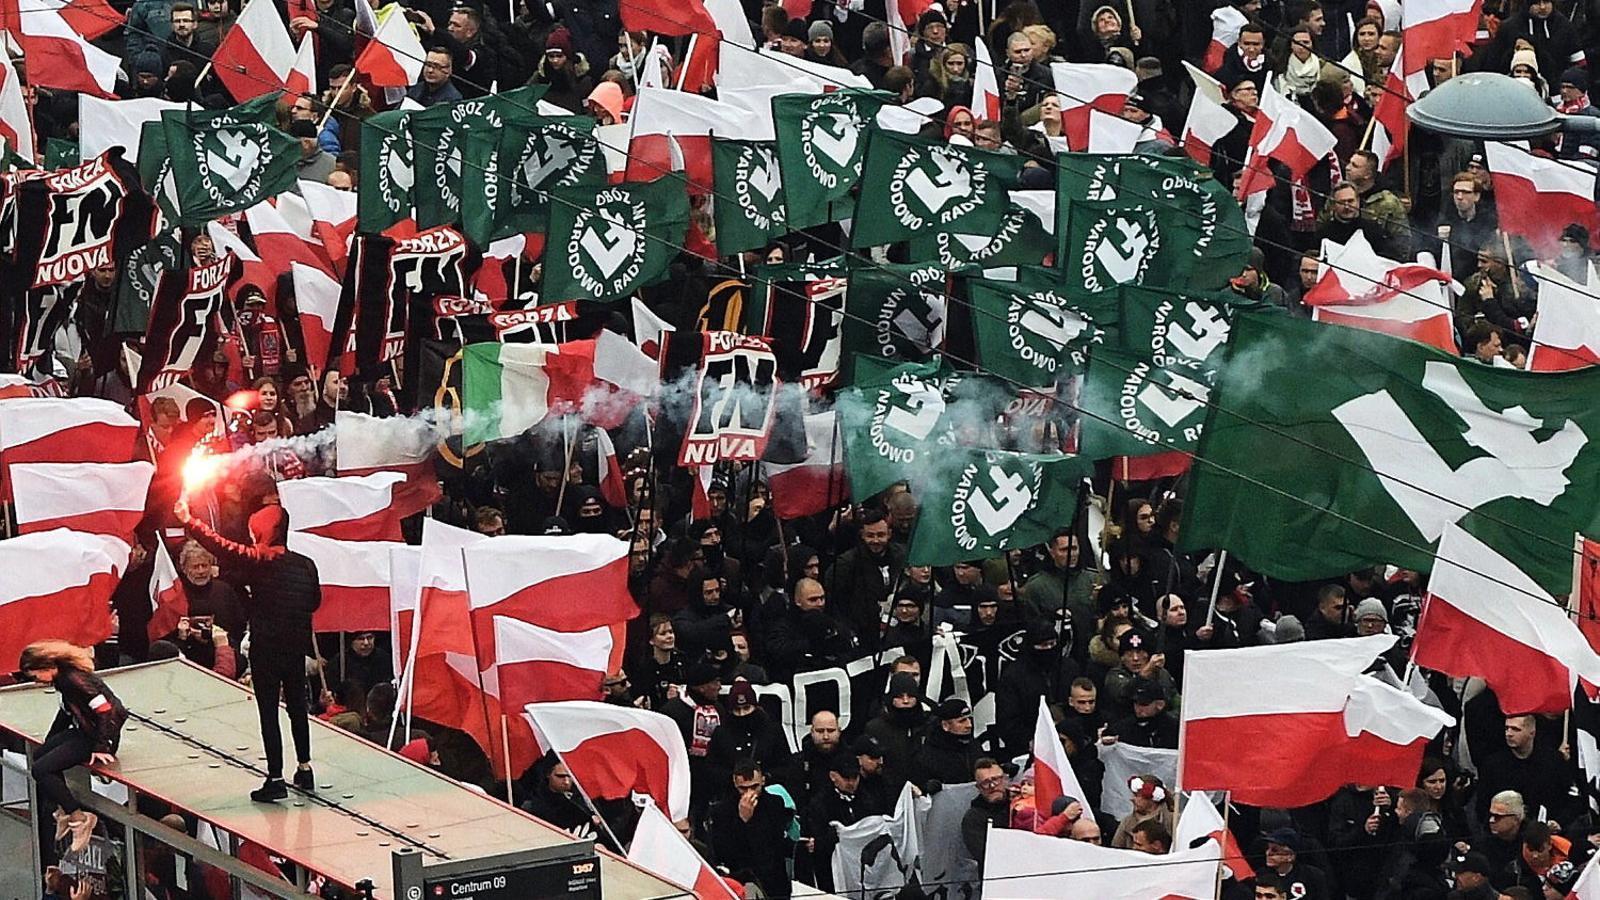 Banderes del grup ultra Camp Nacional Radical a la marxa de Varsòvia. / R. PIETRUSZKA / EFE